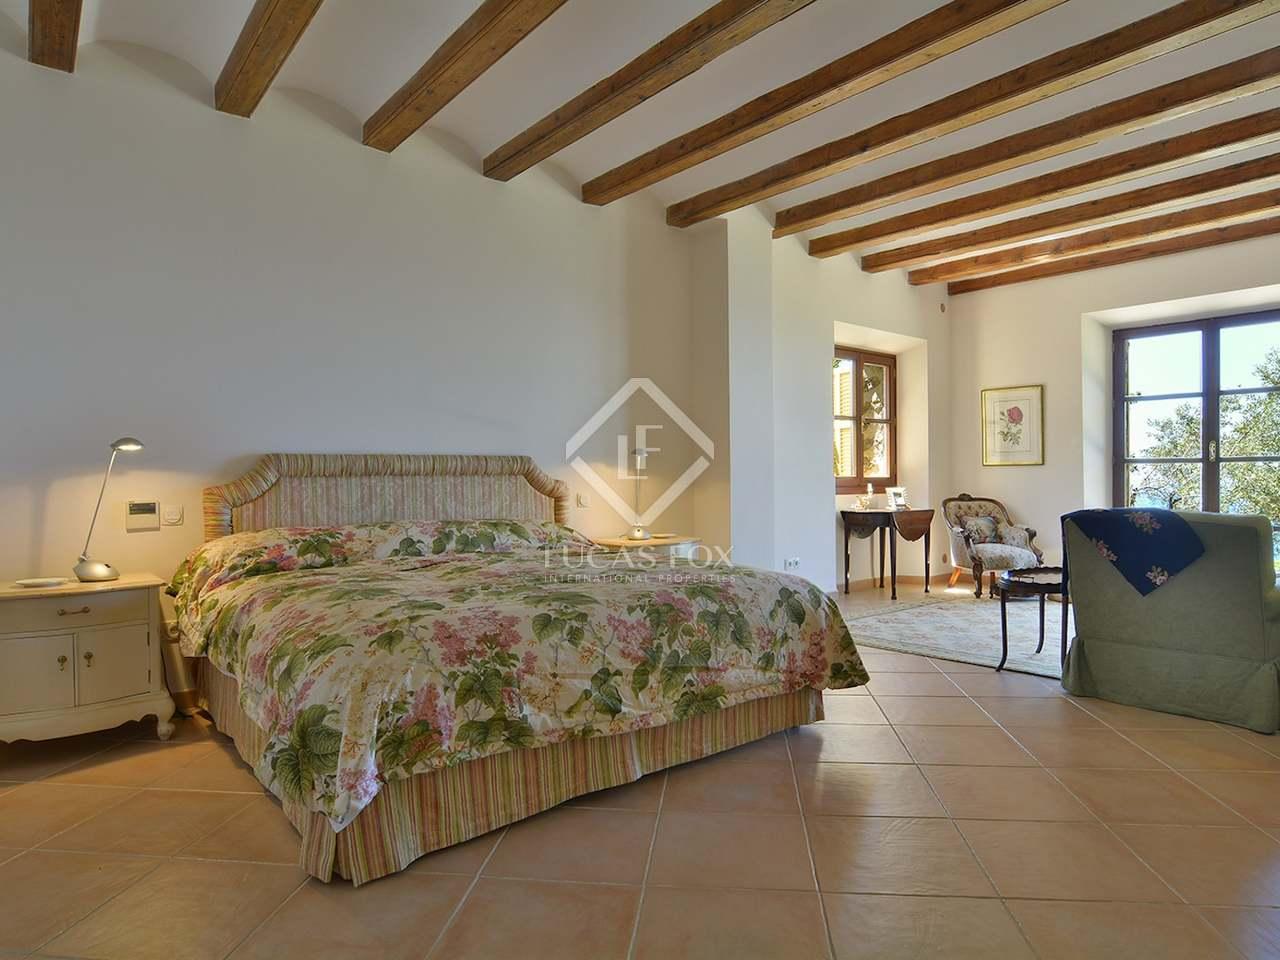 maison de luxe en vente pr s de dei au nord ouest de majorque. Black Bedroom Furniture Sets. Home Design Ideas